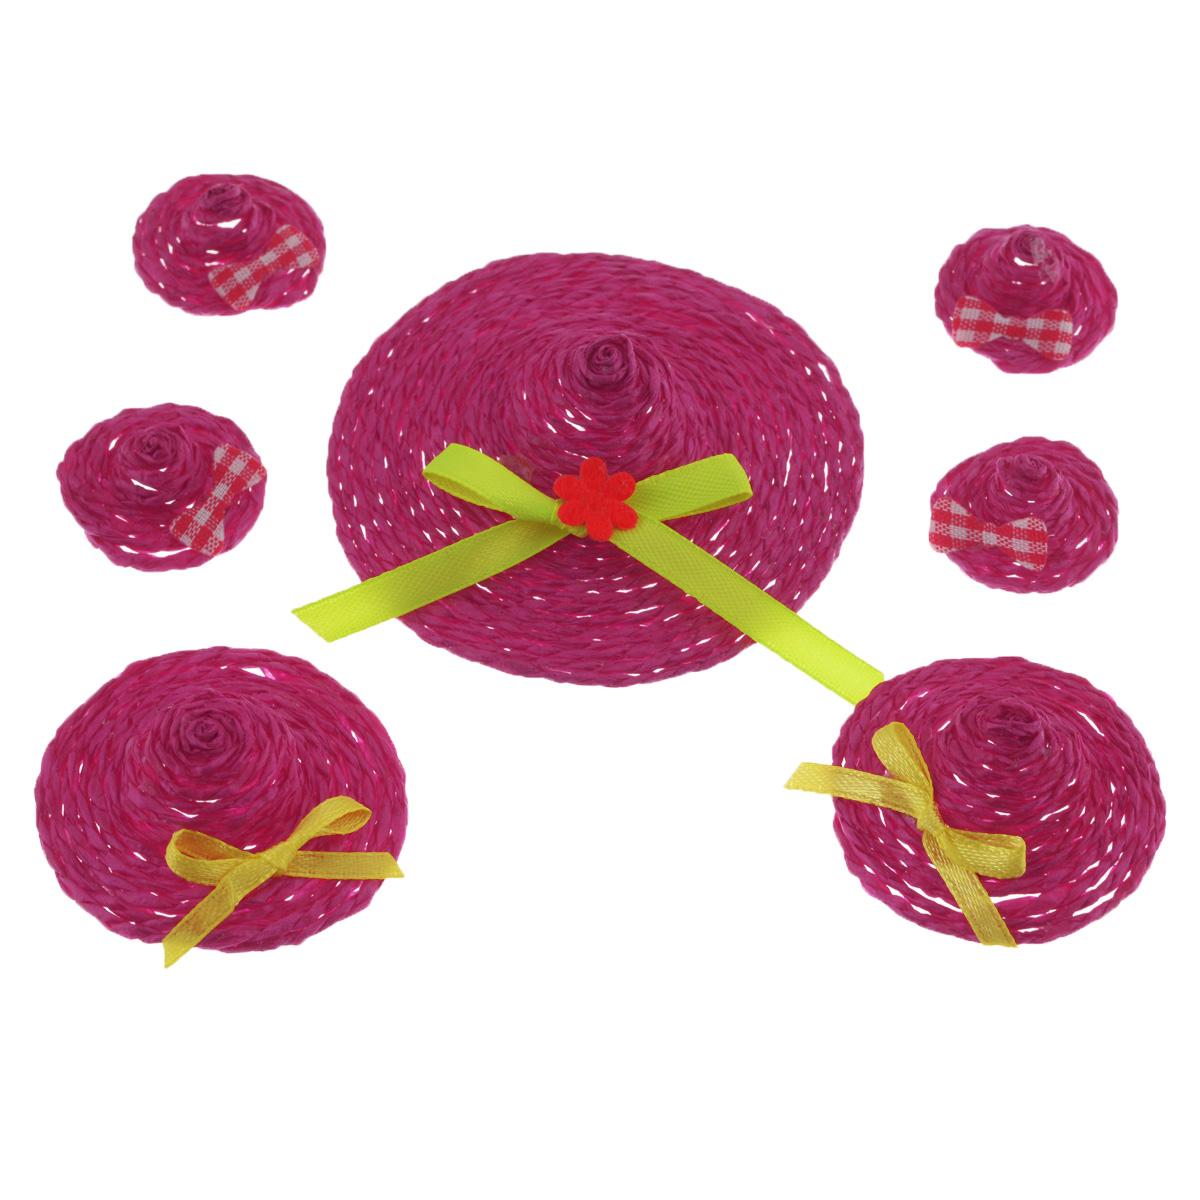 Набор декоративных украшений Home Queen Шляпки, на клейкой основе, цвет: фуксия, 7 шт66856_2Набор Home Queen Шляпки состоит из 7 декоративных элементов и предназначен для украшения яиц, посуды, стекла, керамики, металла, цветочных горшков, ваз и других предметов интерьера. Украшения изготовлены из полиэстера и бумаги в виде шляпок разного размера и фиксируются при помощи специальной клейкой основы. Такой набор украшений создаст атмосферу праздника в вашем доме. Размер большой фигурки: 7 см х 7 см х 2 см. Размер средней фигурки: 4,5 см х 4,5 см х 1,7 см. Размер маленькой фигурки: 2,5 см х 2,5 см х 1,5 см.